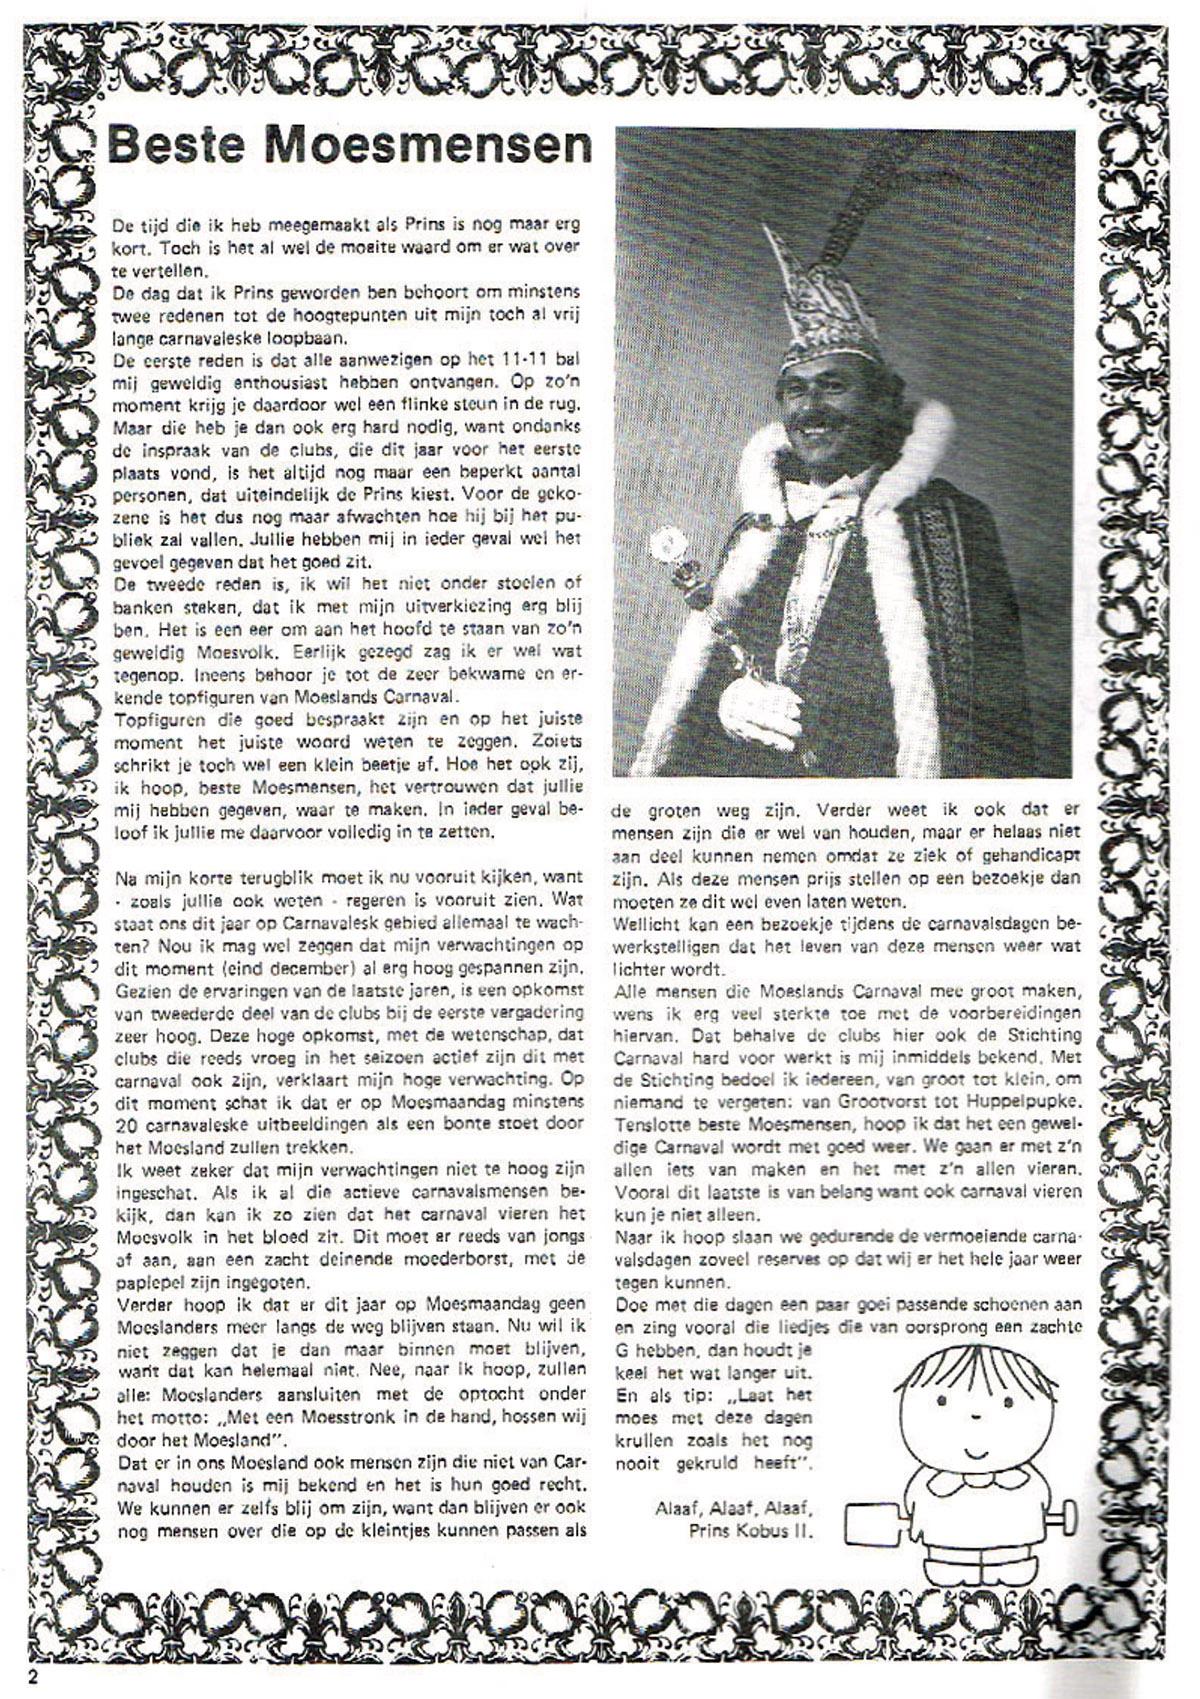 Stuk uit de carnavalskrant van de Bierviltjes - 1983